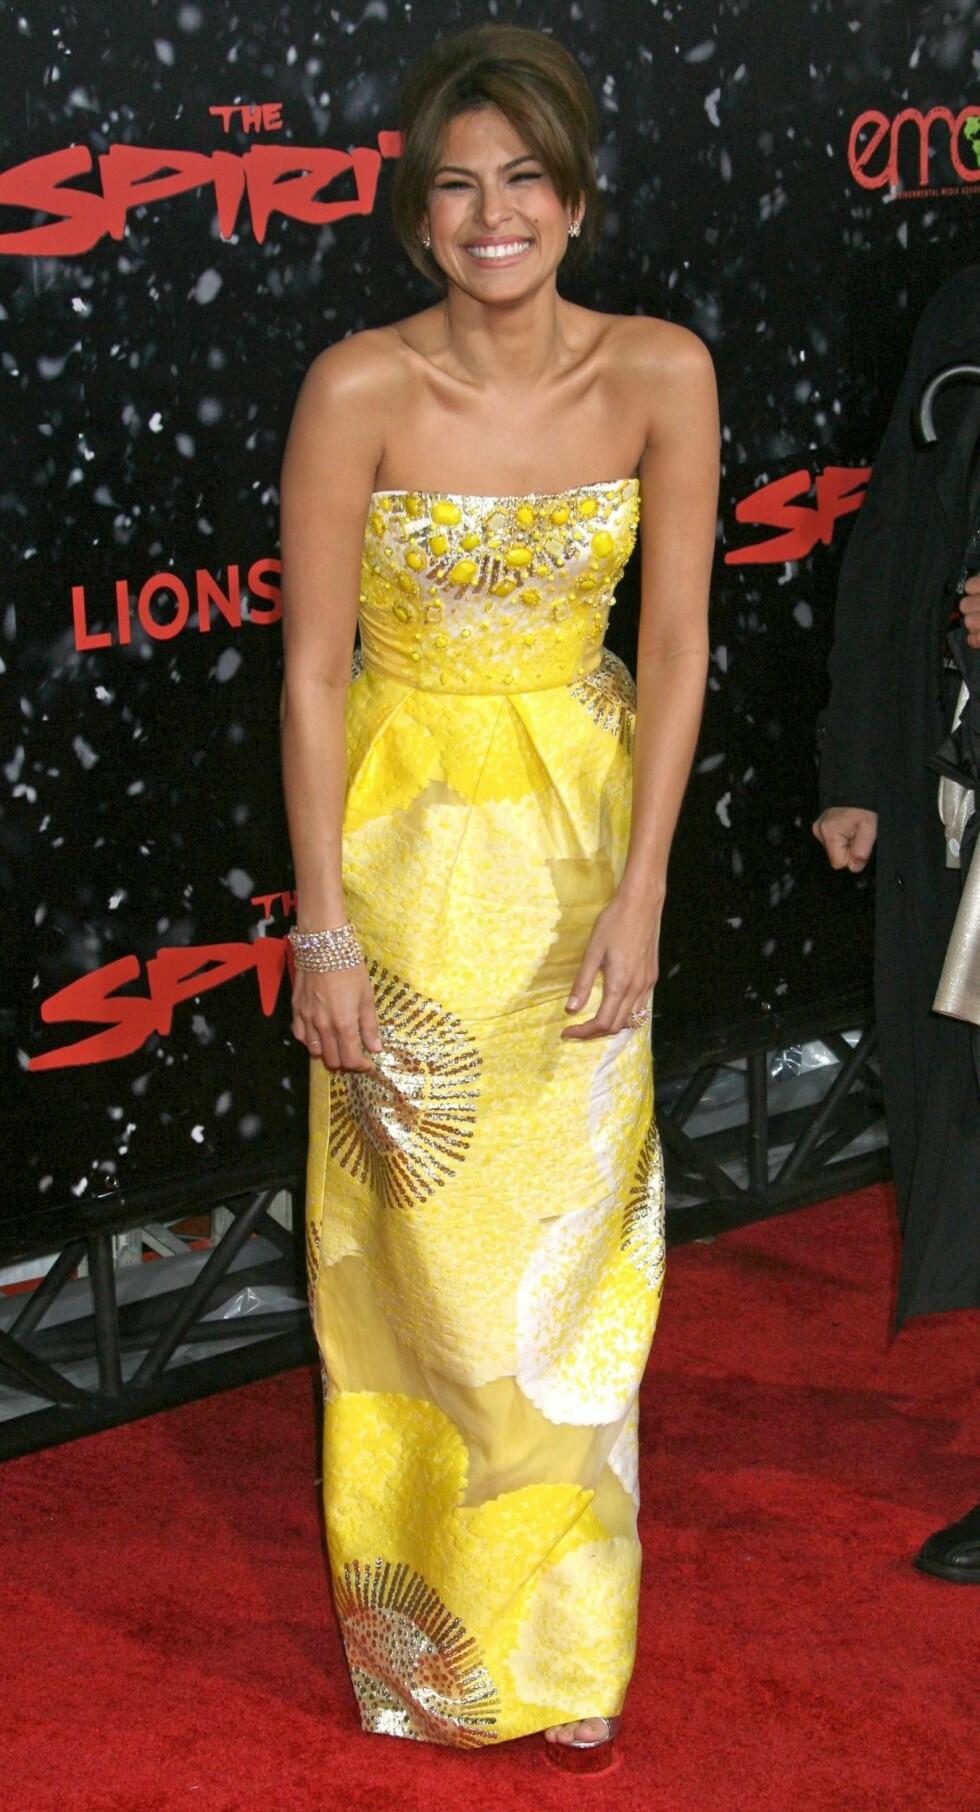 BLID SOM SOLEN: Med en så fin kjole og et så fint smil gjør det ingenting at Eva Mendes ikke tok på seg halssmykker.  Foto: All Over Press